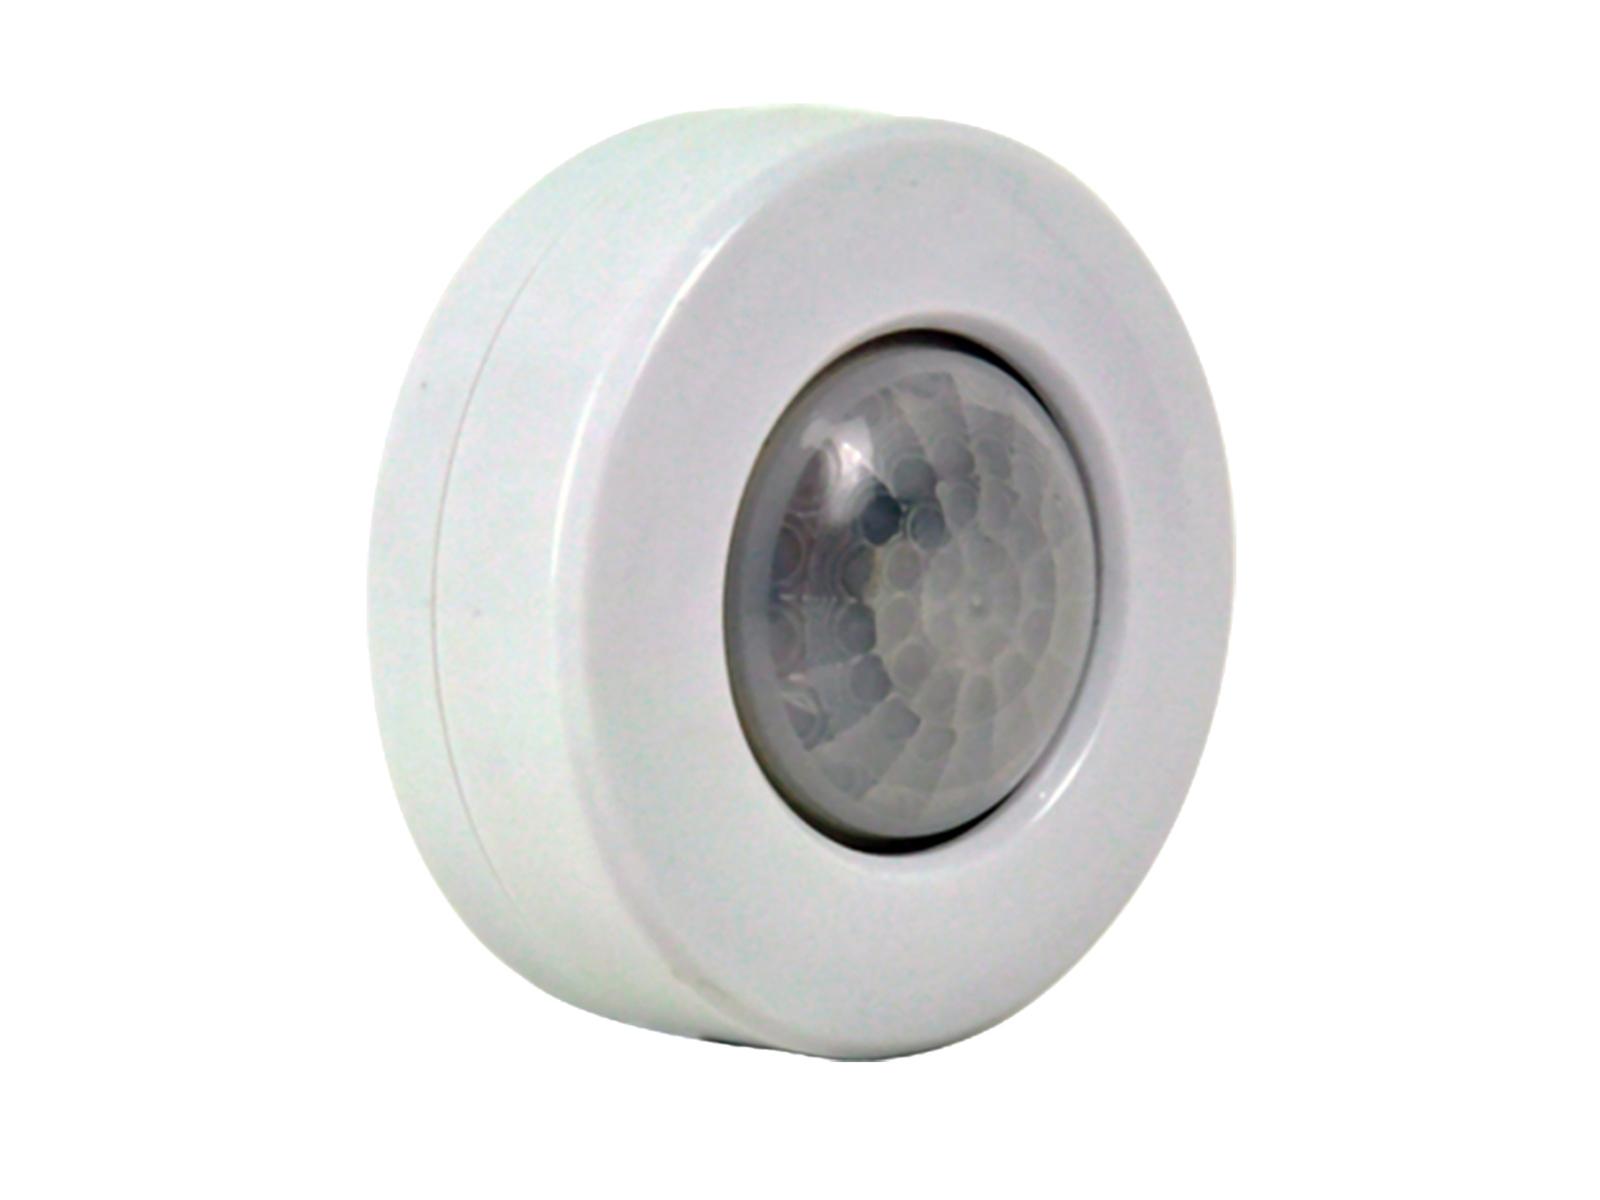 led nachtlicht mit bewegungssensor schubladenlicht schranklicht notlicht eur 10 99 picclick fr. Black Bedroom Furniture Sets. Home Design Ideas